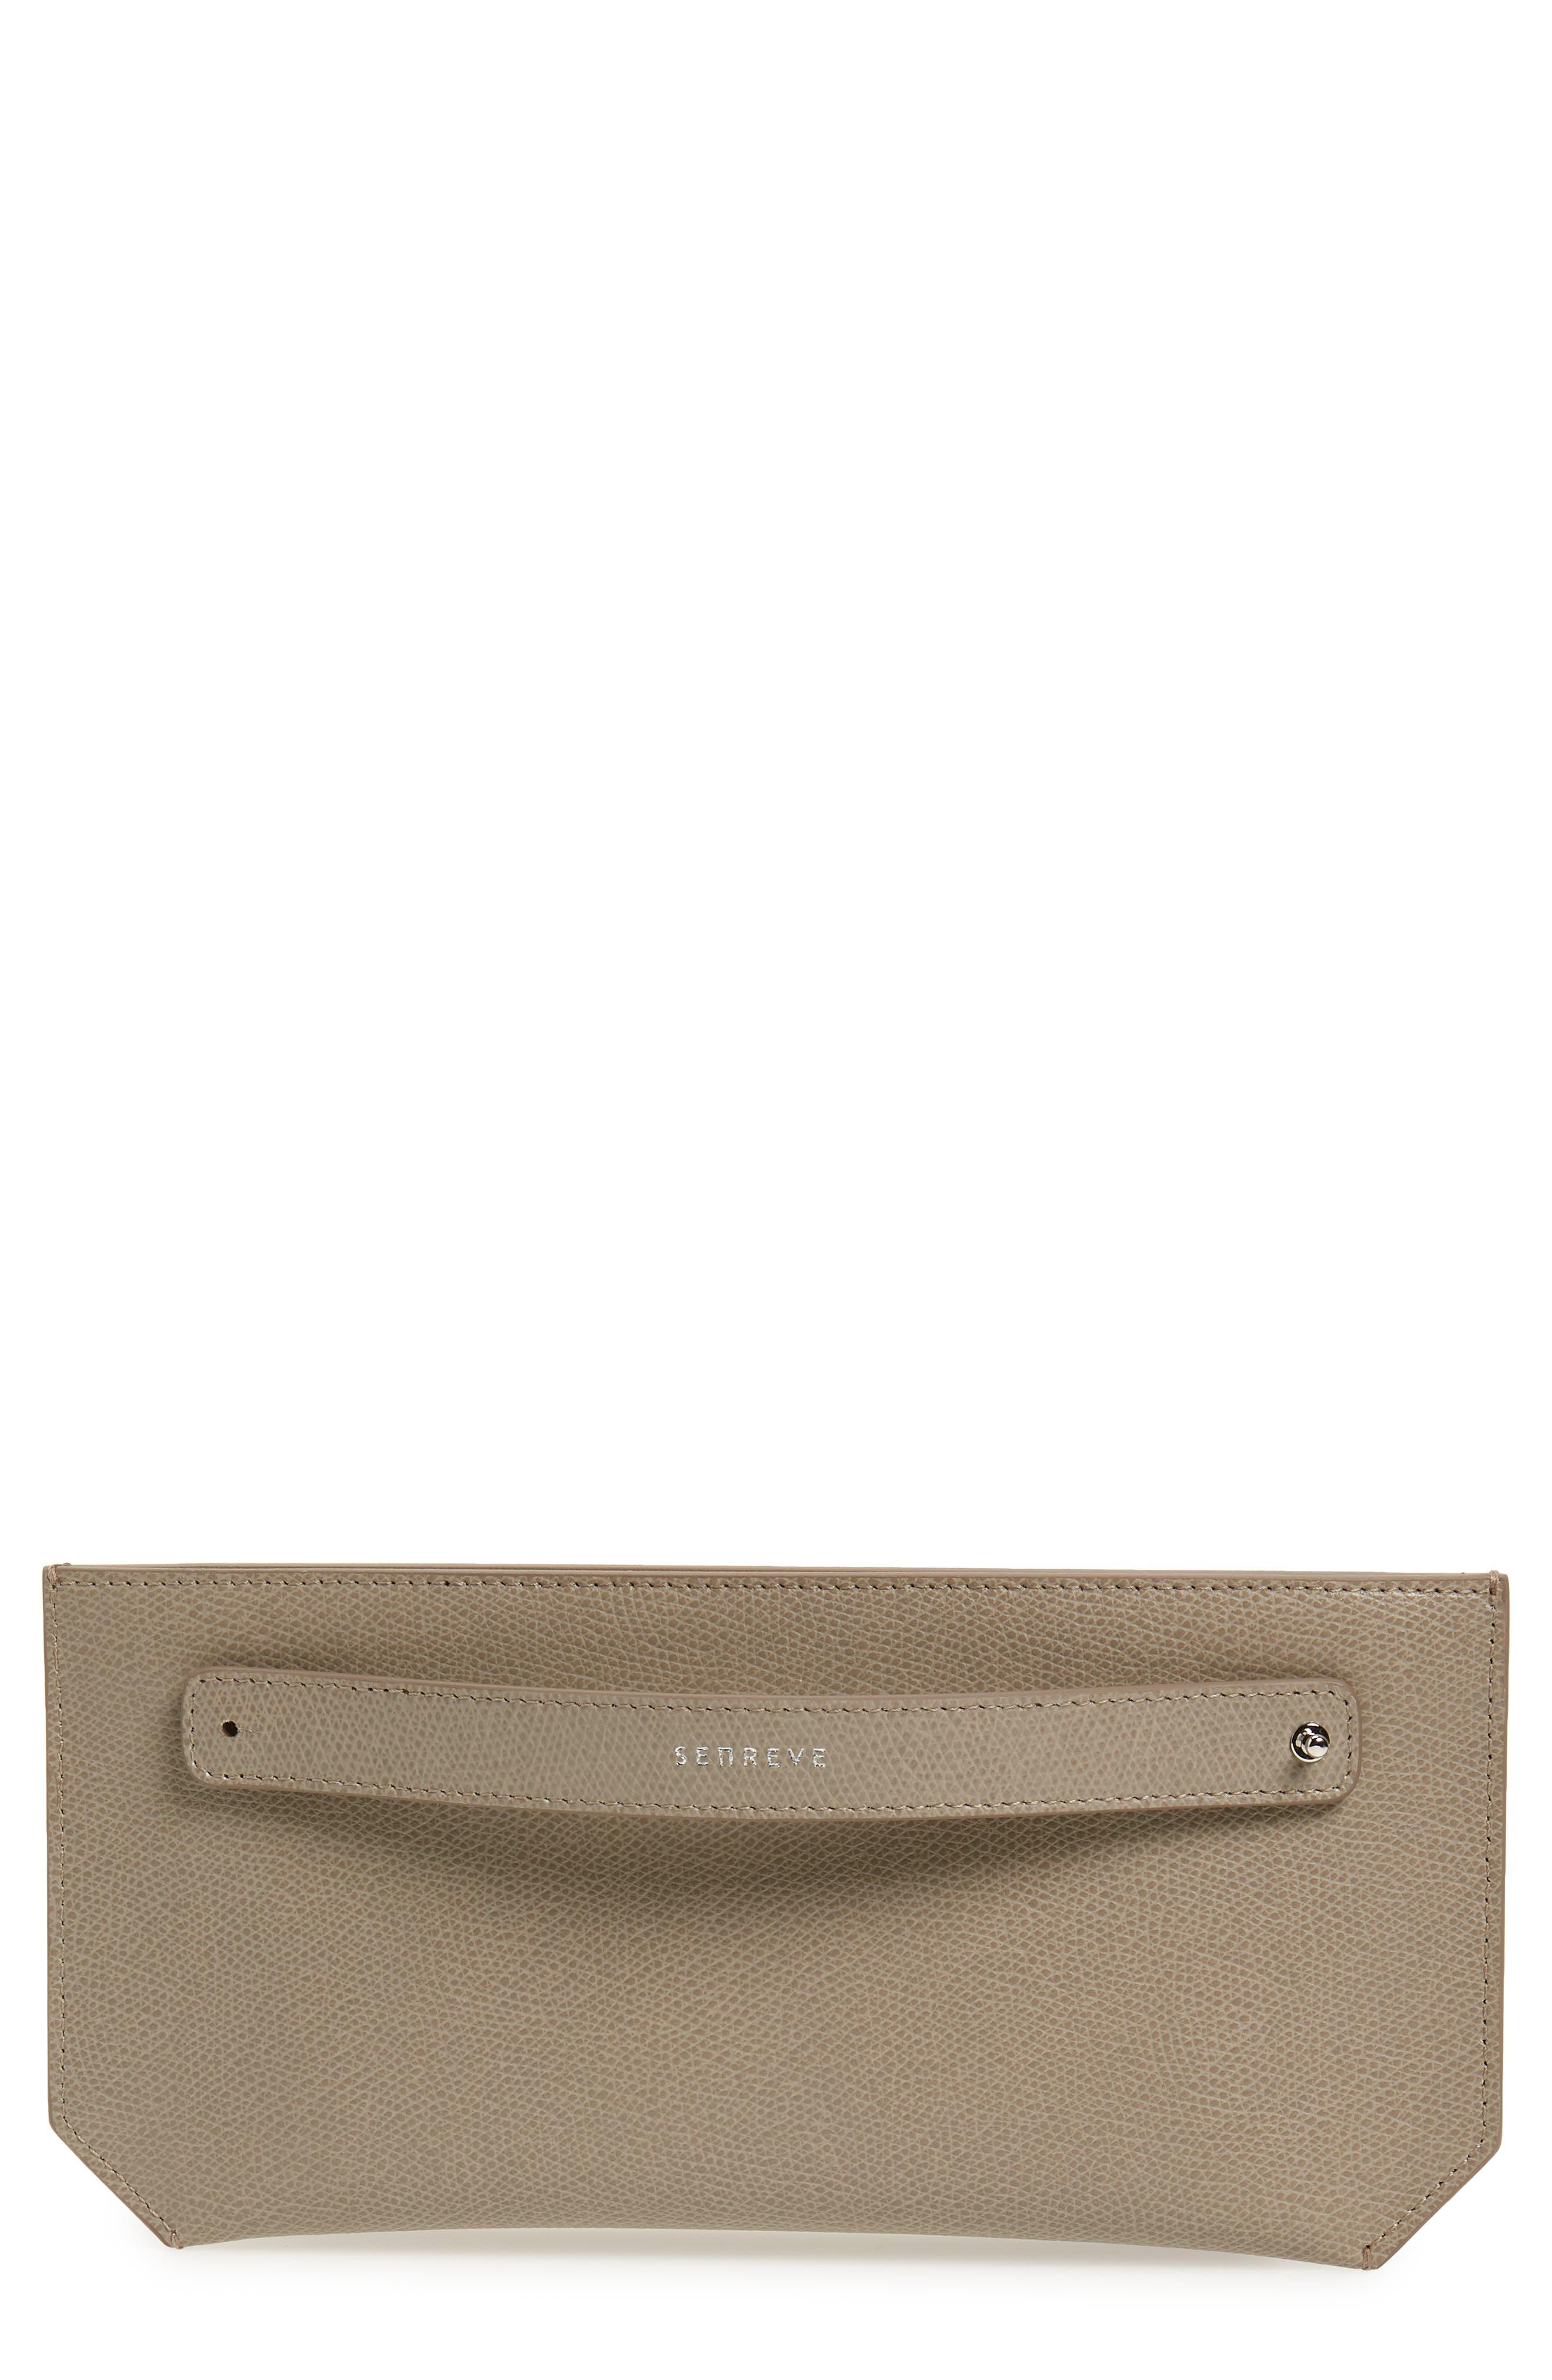 SENREVE Pebbled Leather Bracelet Pouch, Main, color, SAND